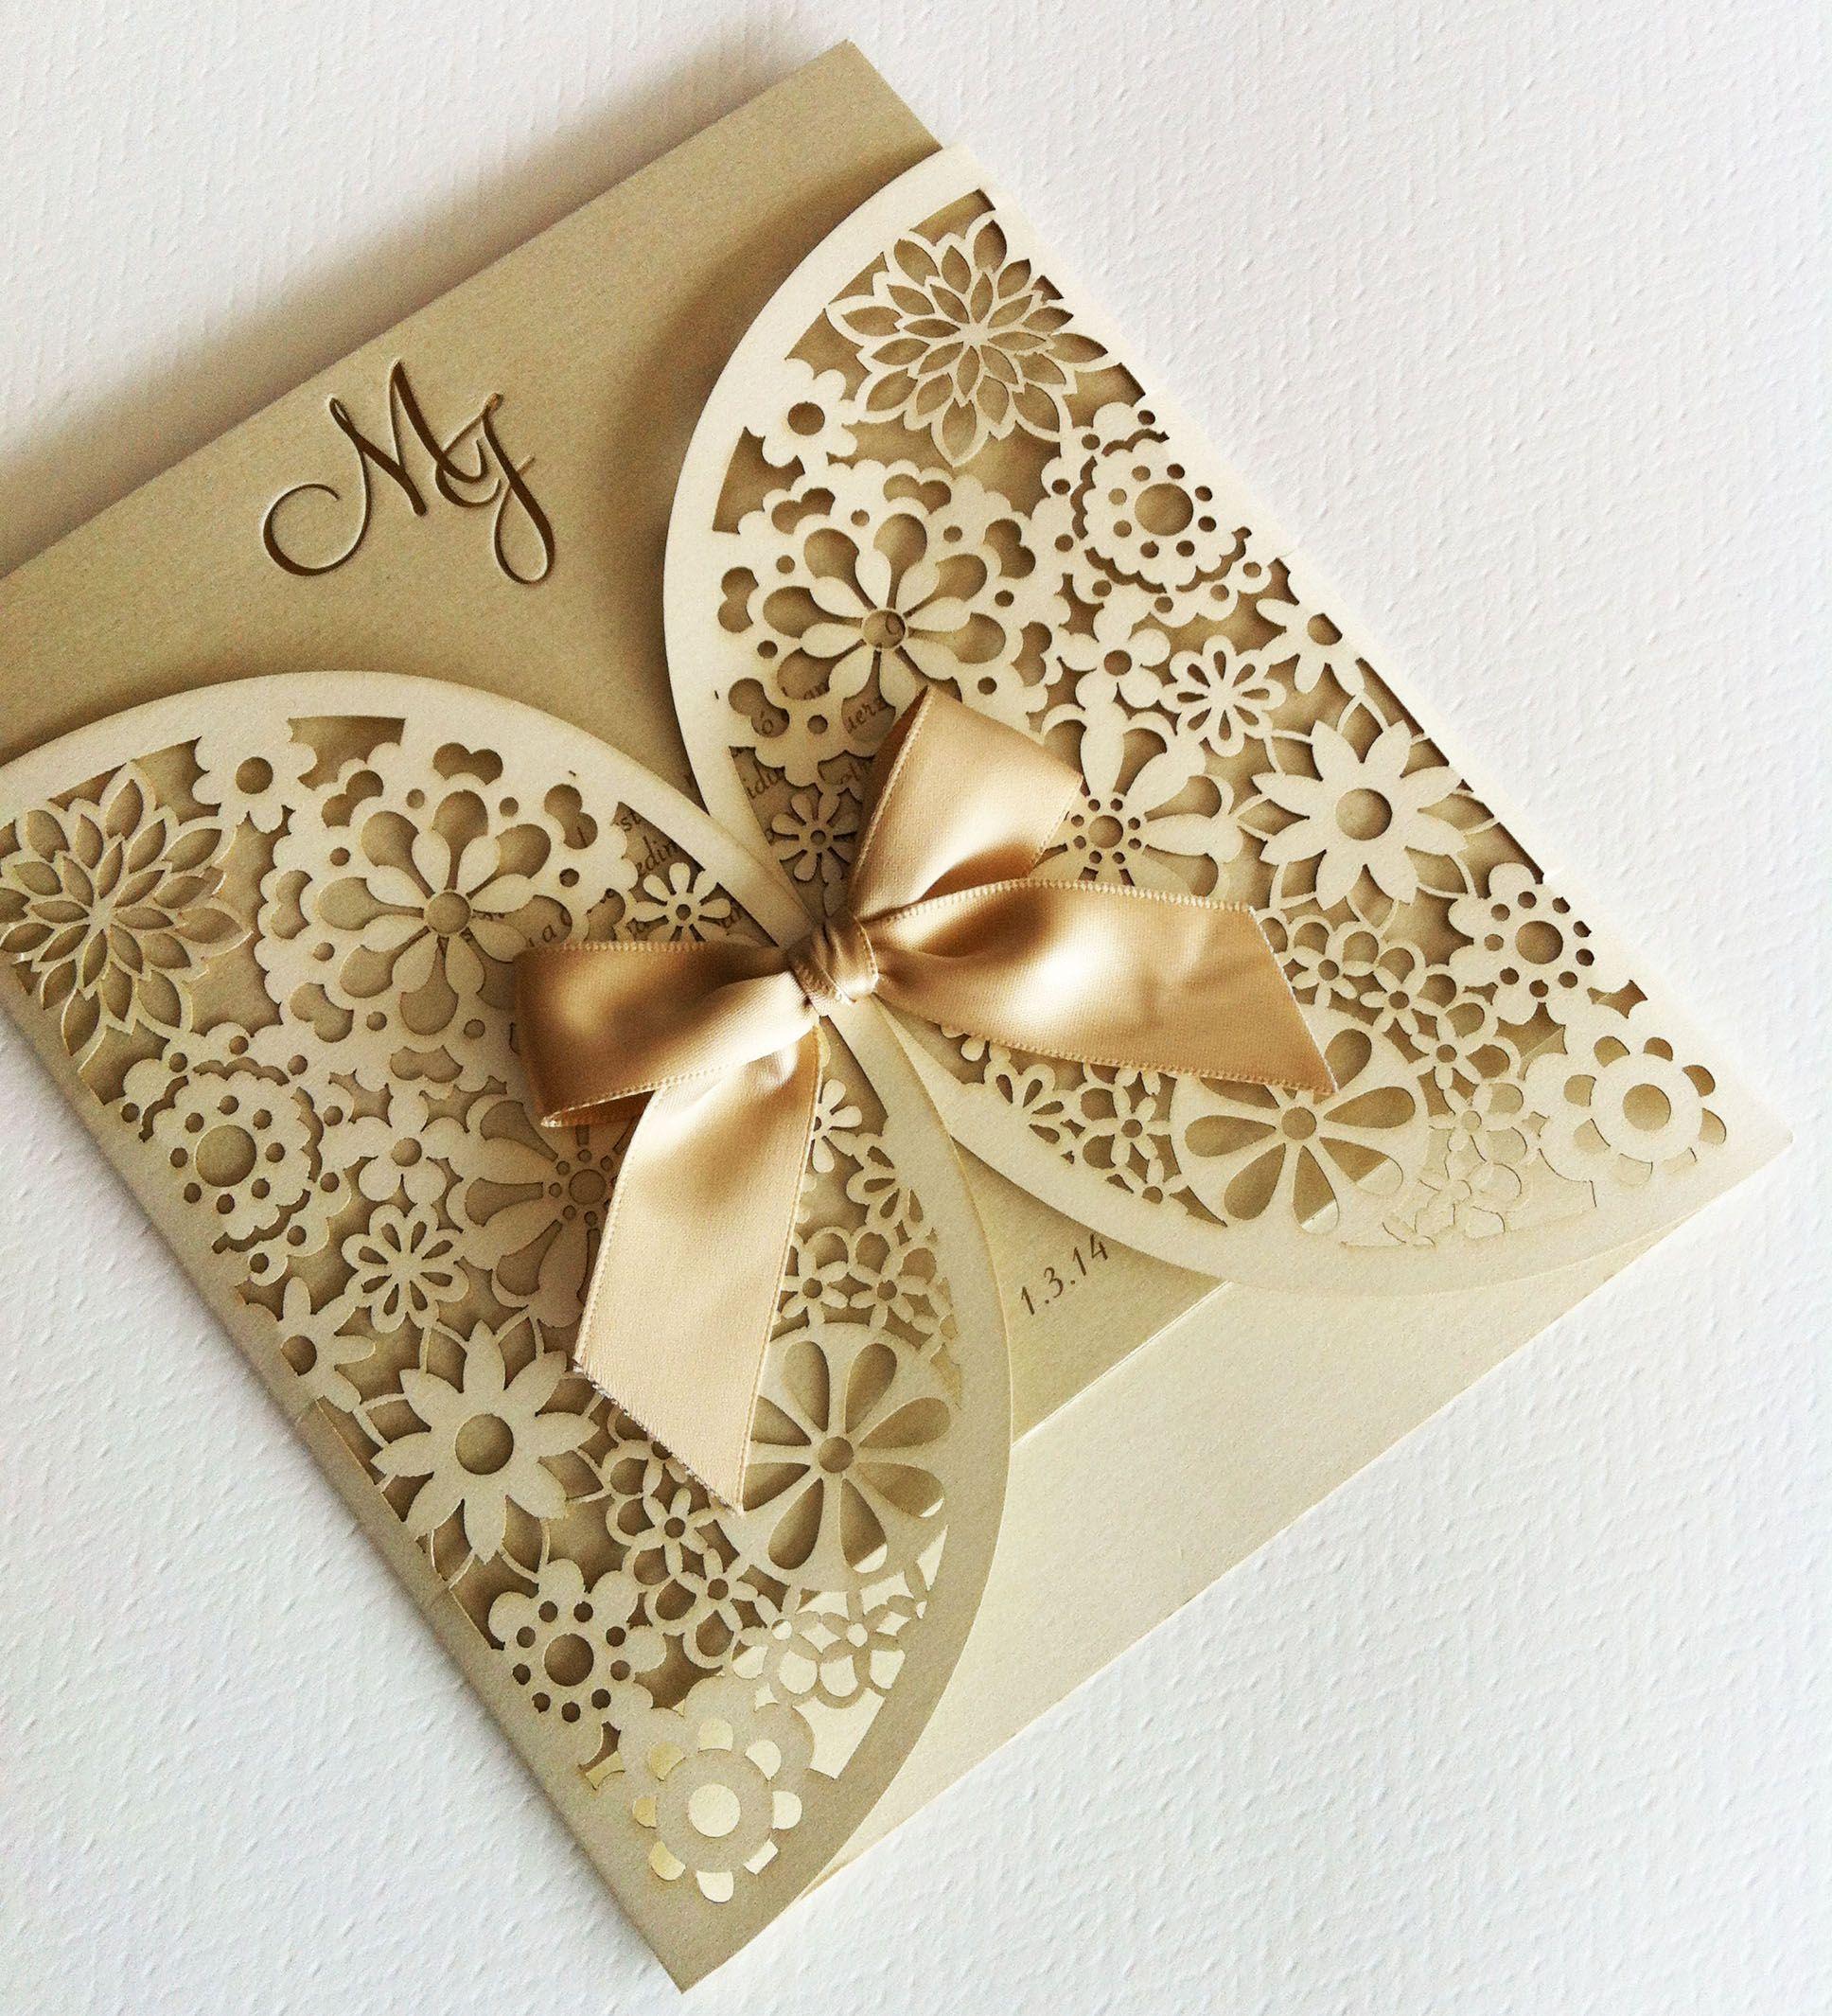 invitaciones para boda | Invitaciones de boda | Pinterest ...